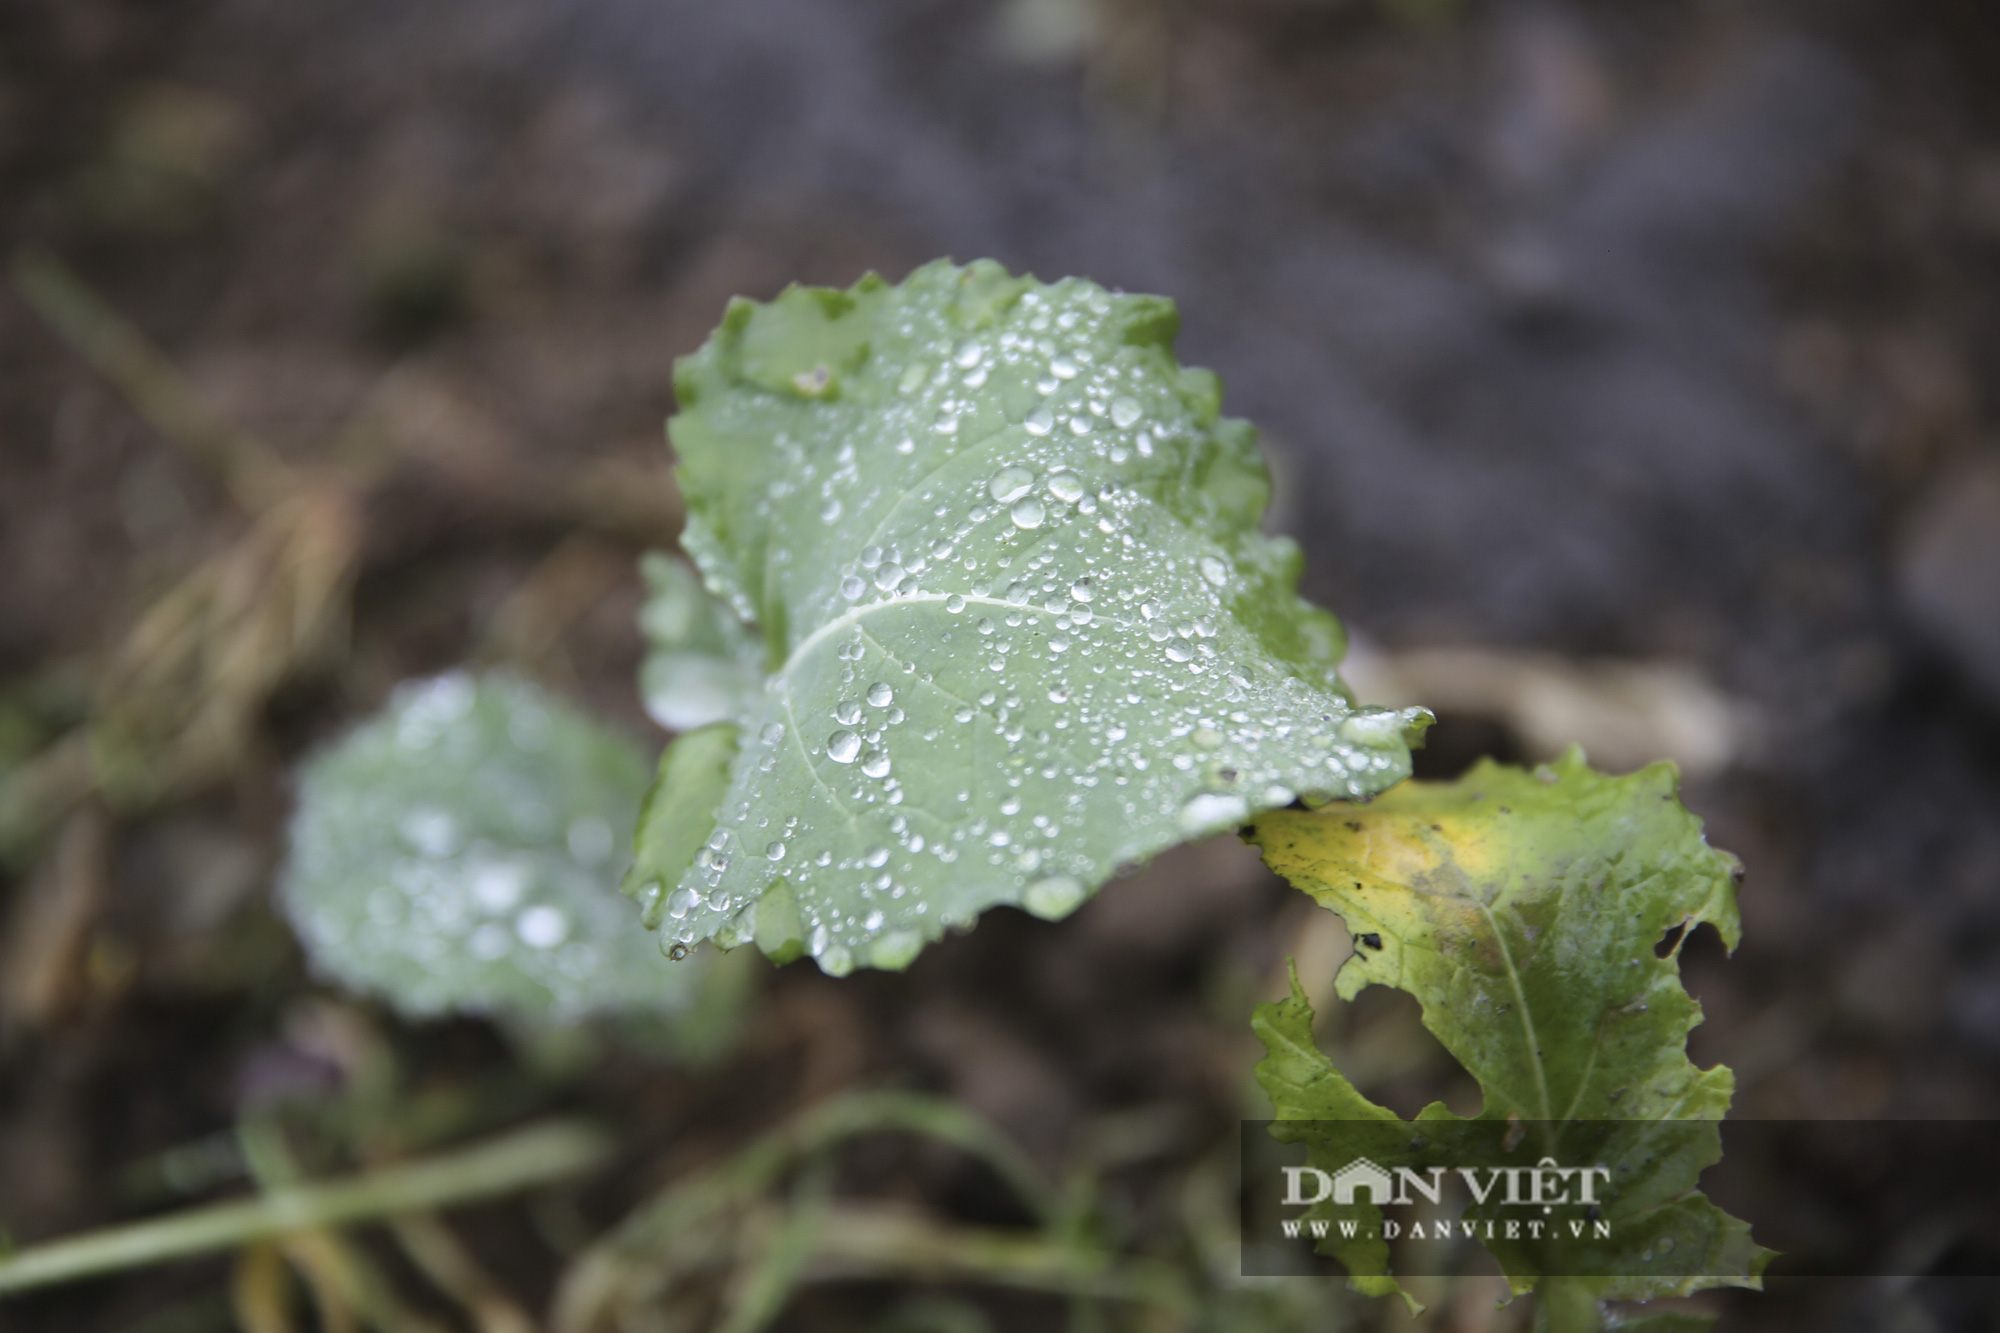 """Nông dân Sa Pa """"căng mình"""" bảo vệ cây trồng, vật nuôi trước nguy cơ xuất hiện mưa tuyết - Ảnh 4."""